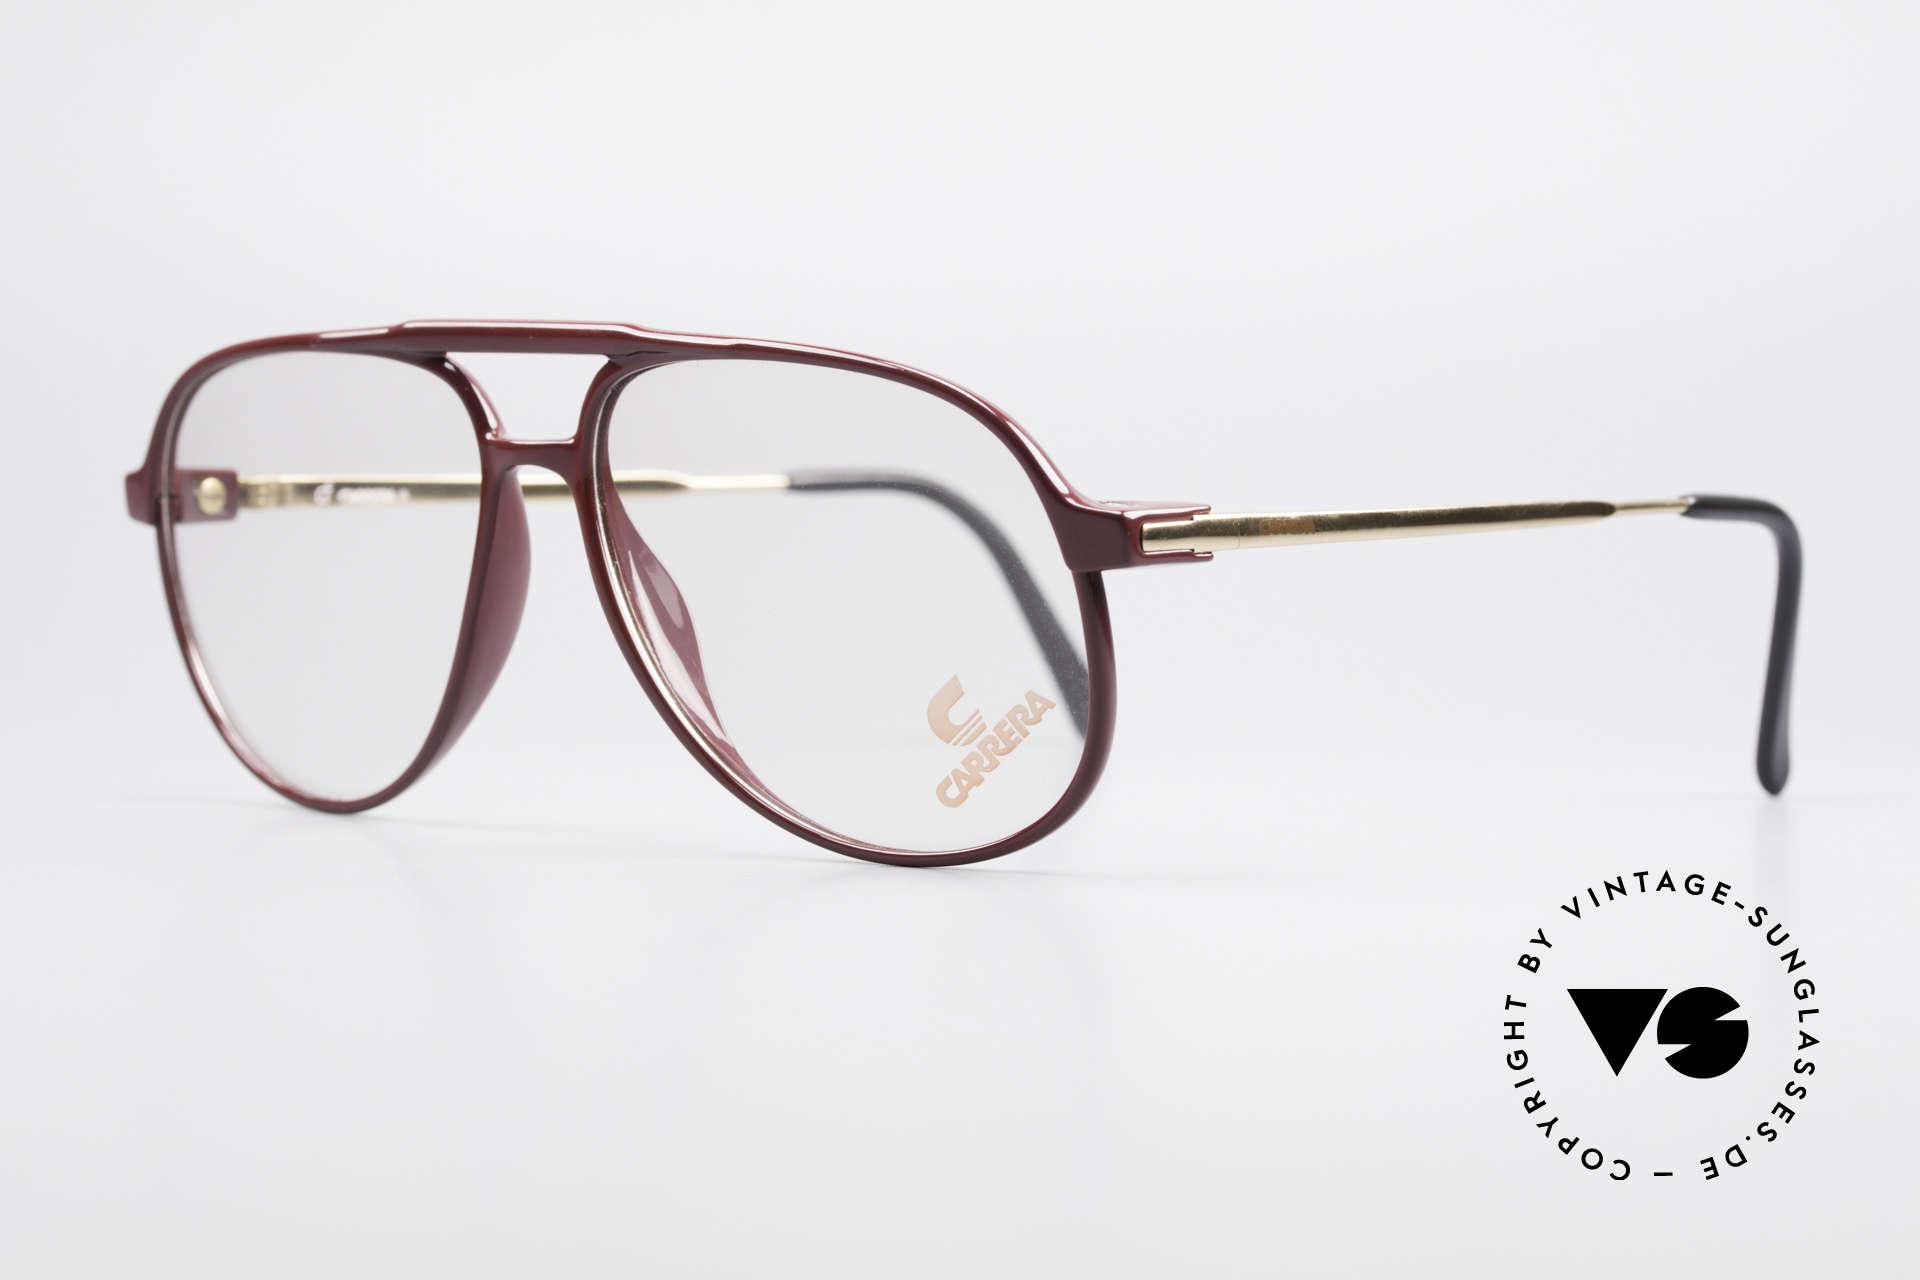 Carrera 5355 Kohlefaser Brille 90er Original, enorm komfortabel und sehr angenehm zu tragen, Passend für Herren